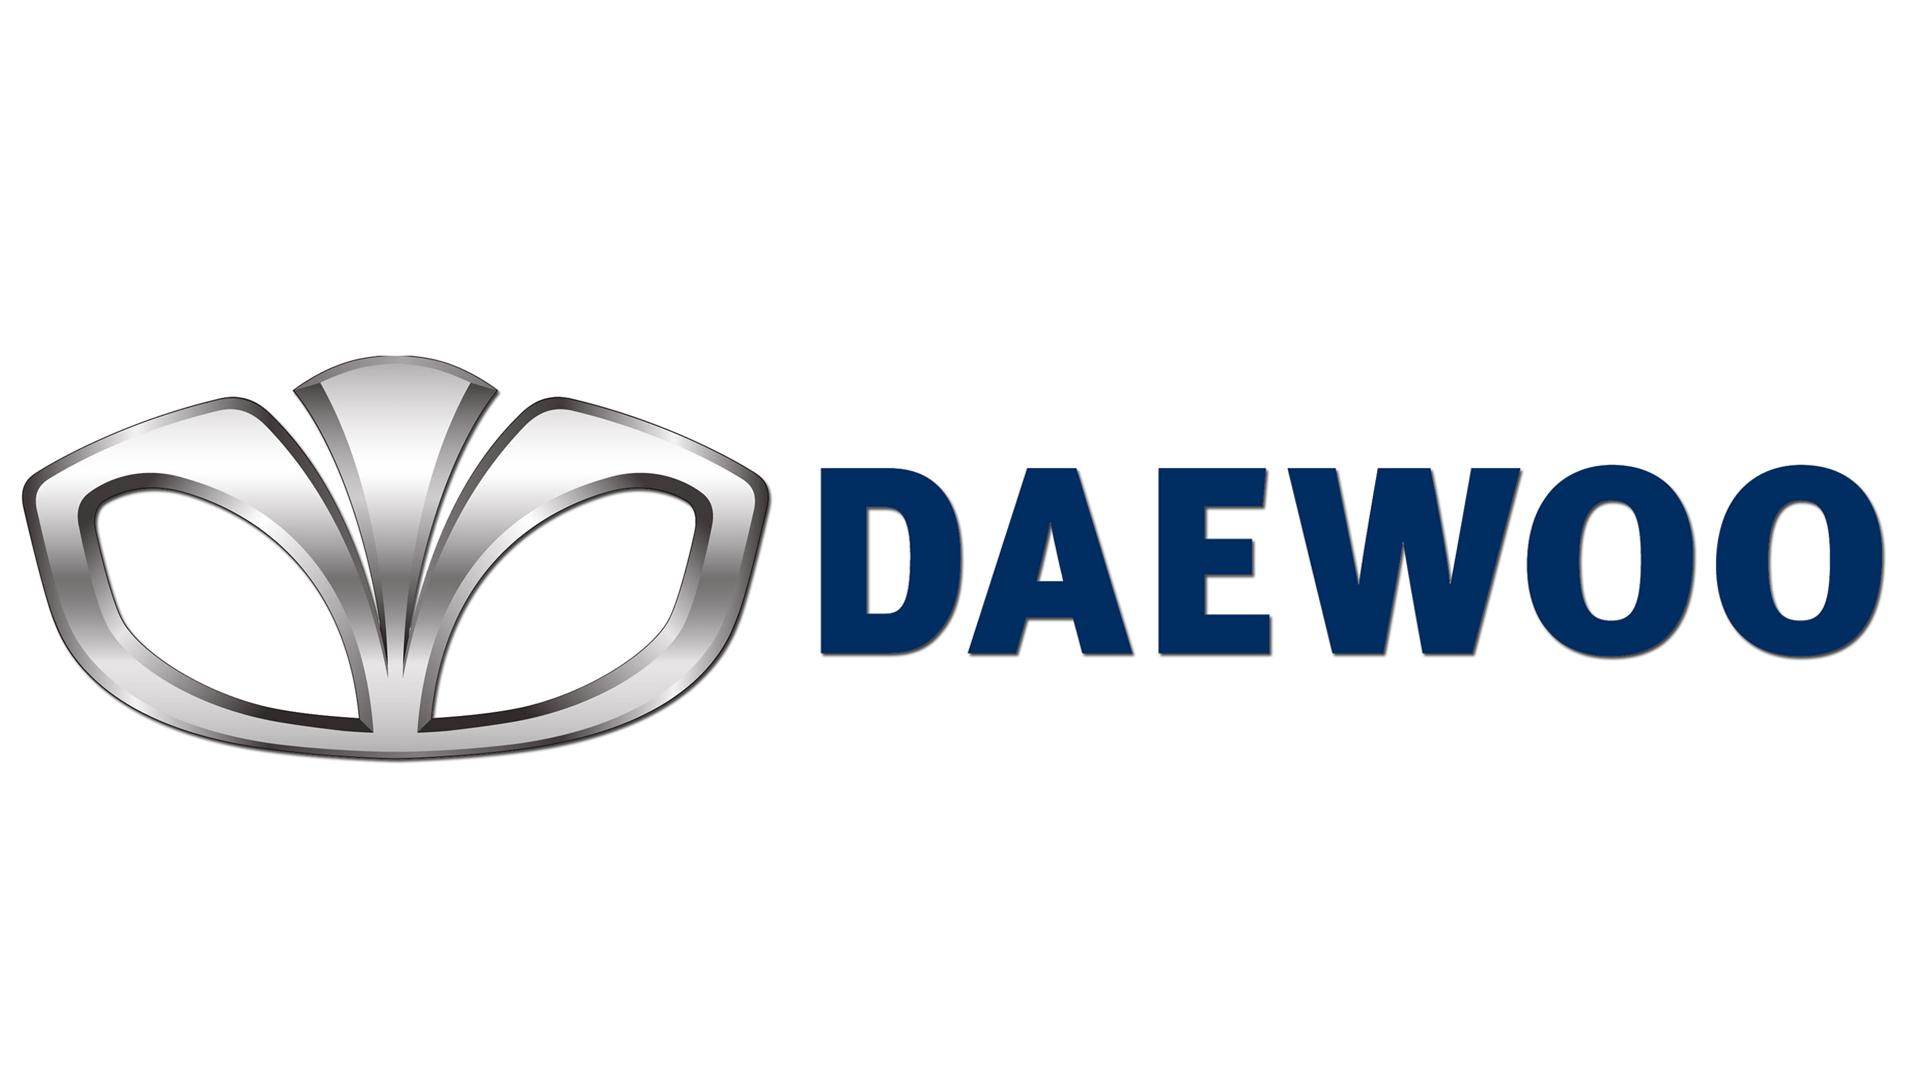 daewoo car logo wwwpixsharkcom images galleries with